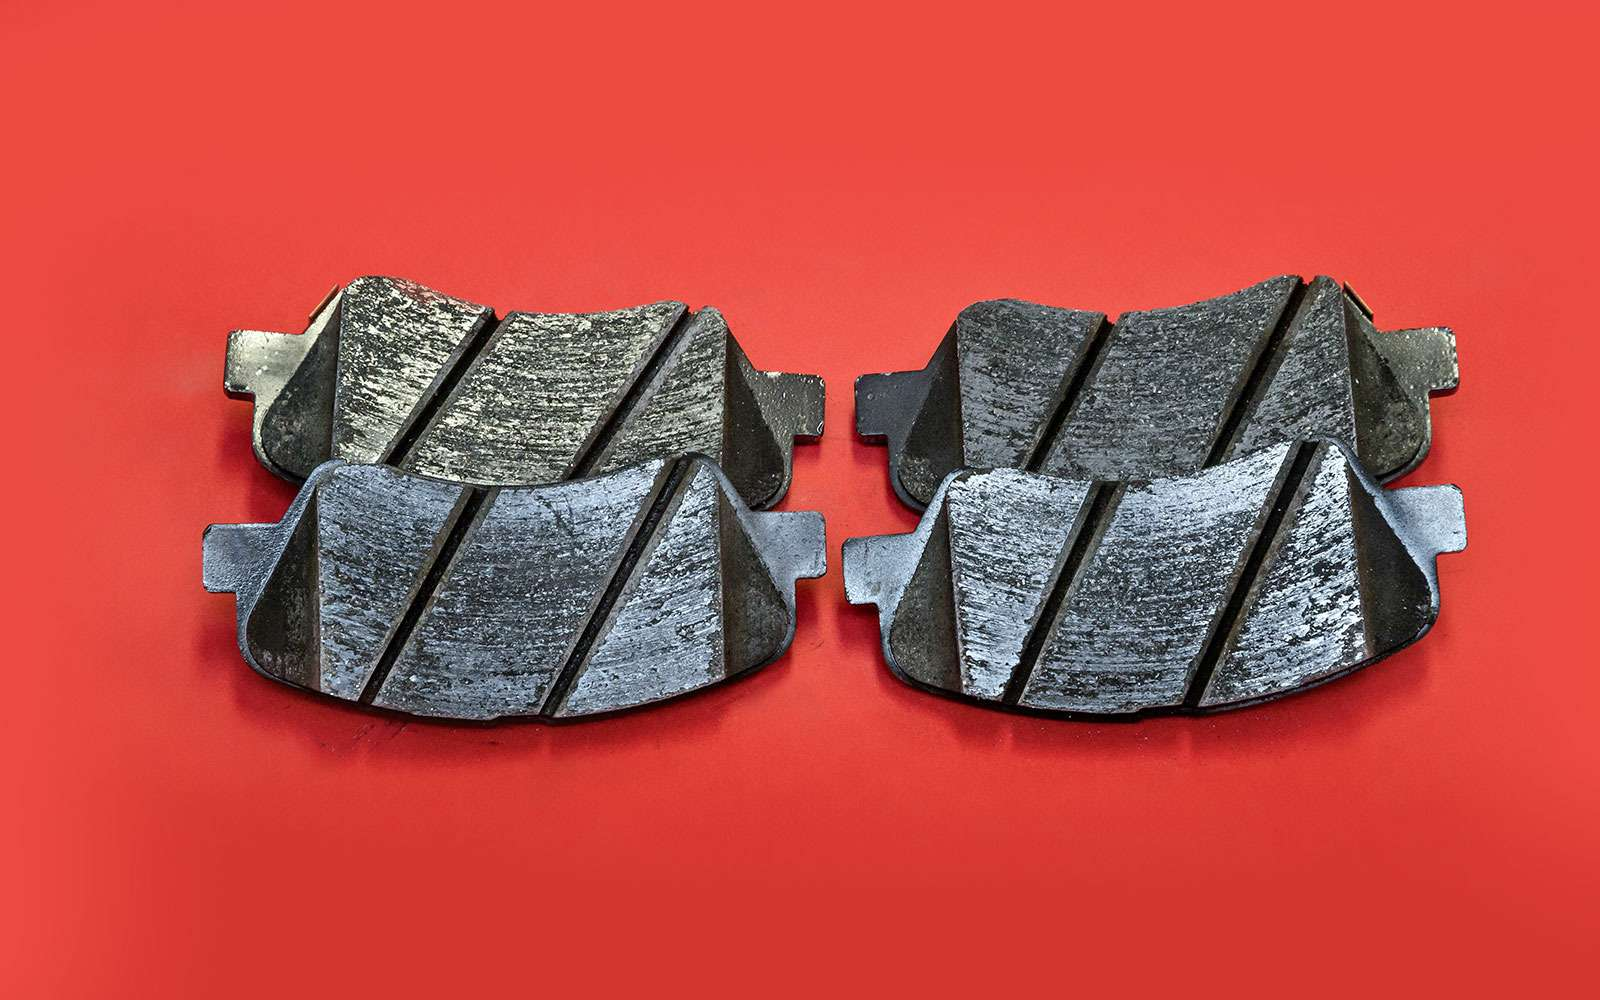 Тест тормозных колодок дляСоляриса иРио: горячая линия— фото 623324